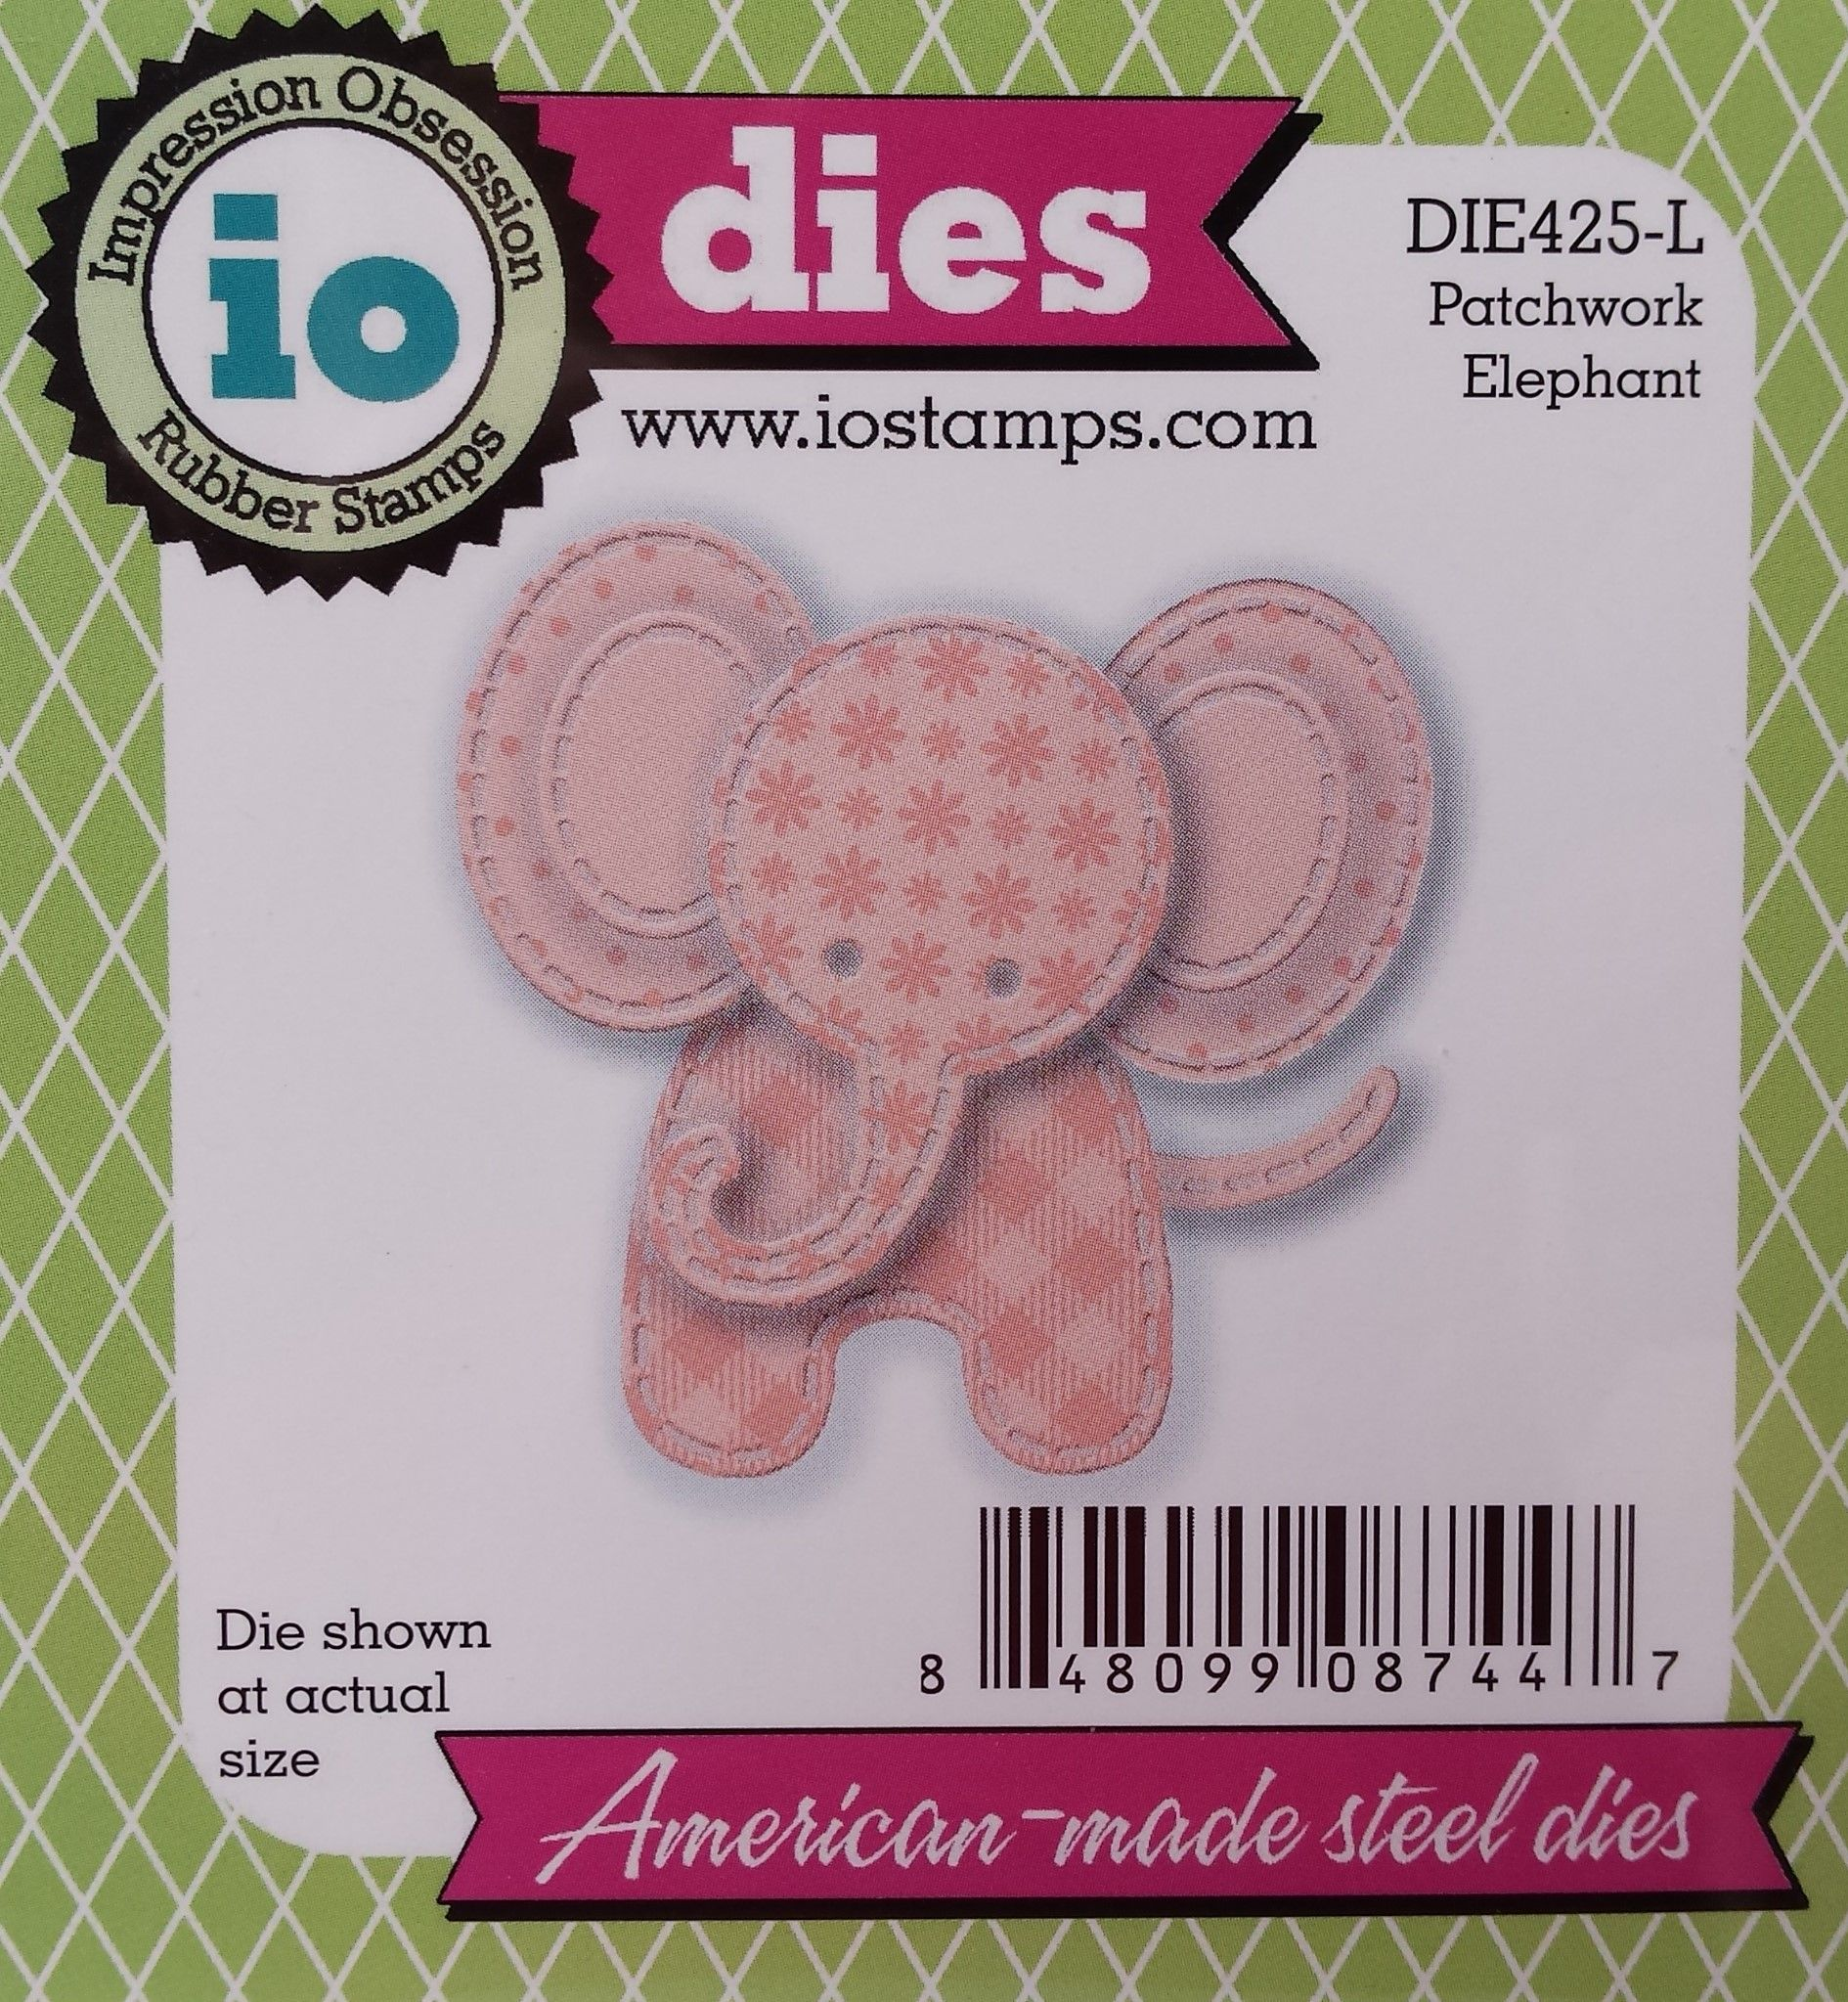 Elephant metal die Impression Obsession Cutting Dies DIE425-L Patchwork animal